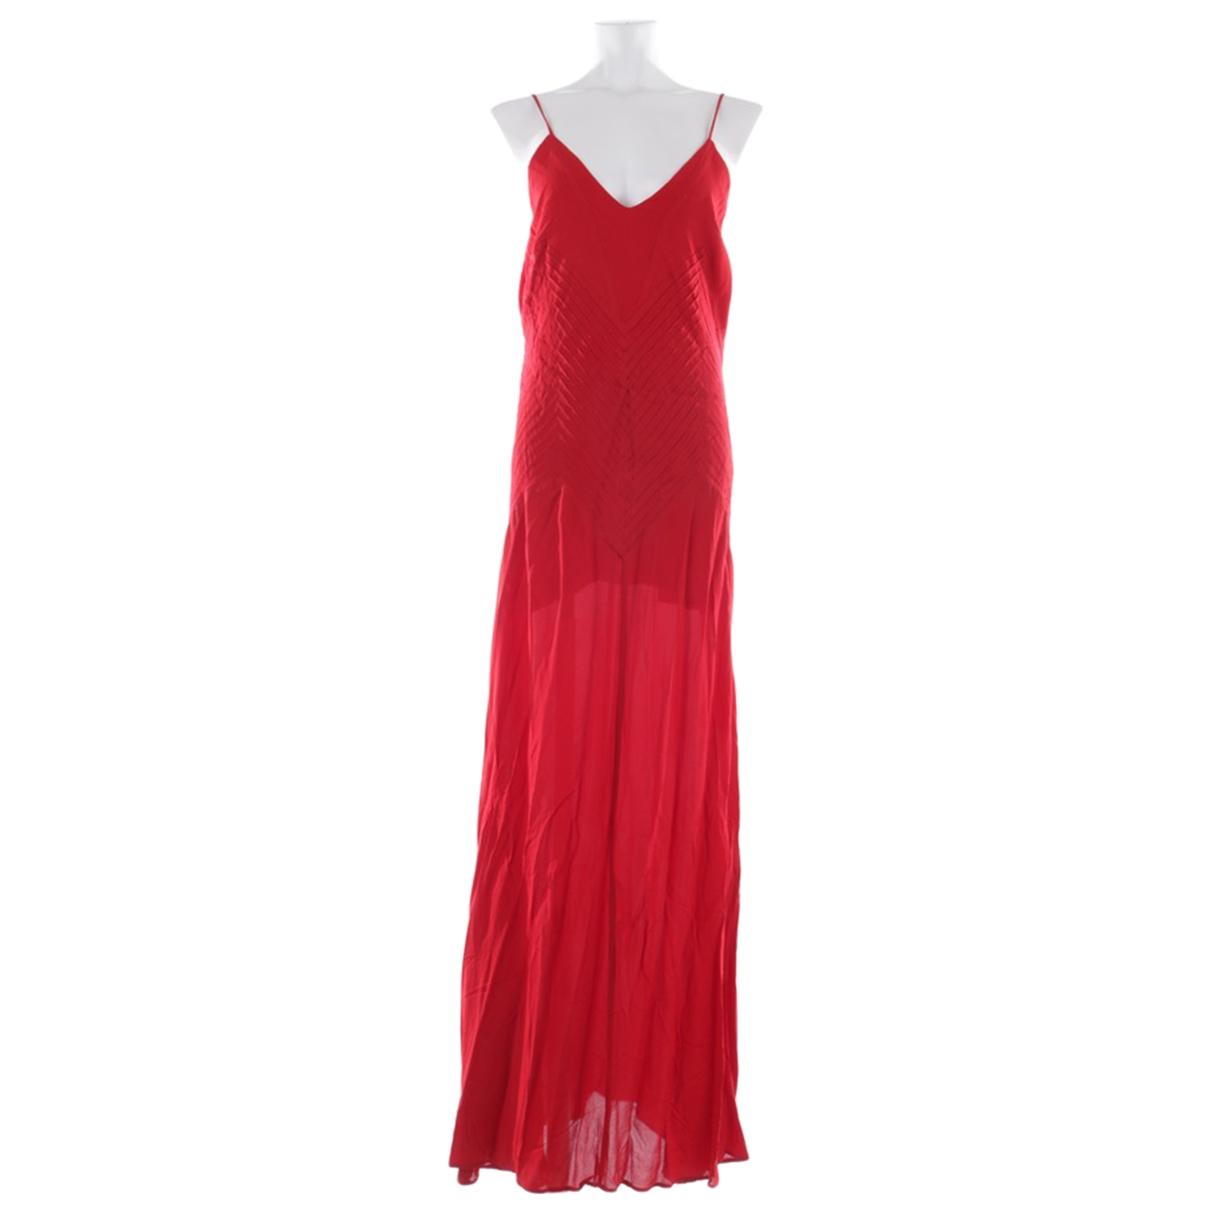 Anine Bing \N Kleid in  Rot Viskose